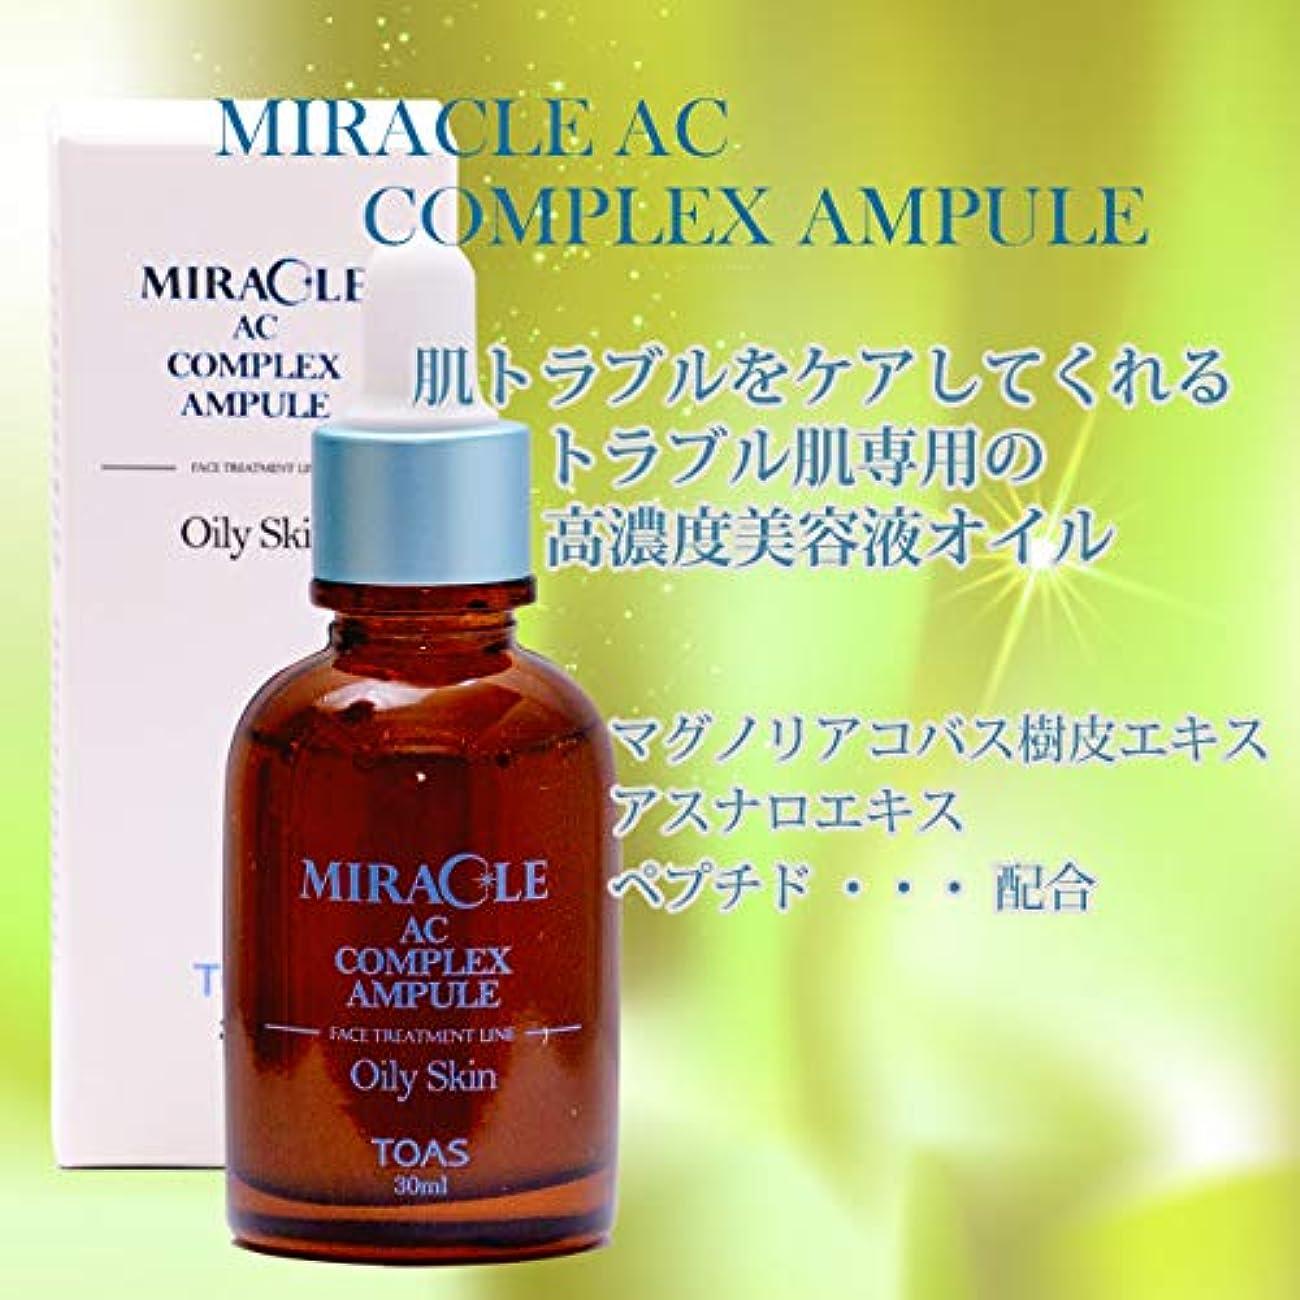 クラシック番目呪いTOAS ミラクルACコンプレックス?アンプル30ml トラブル肌を解消 高密度美容液オイル